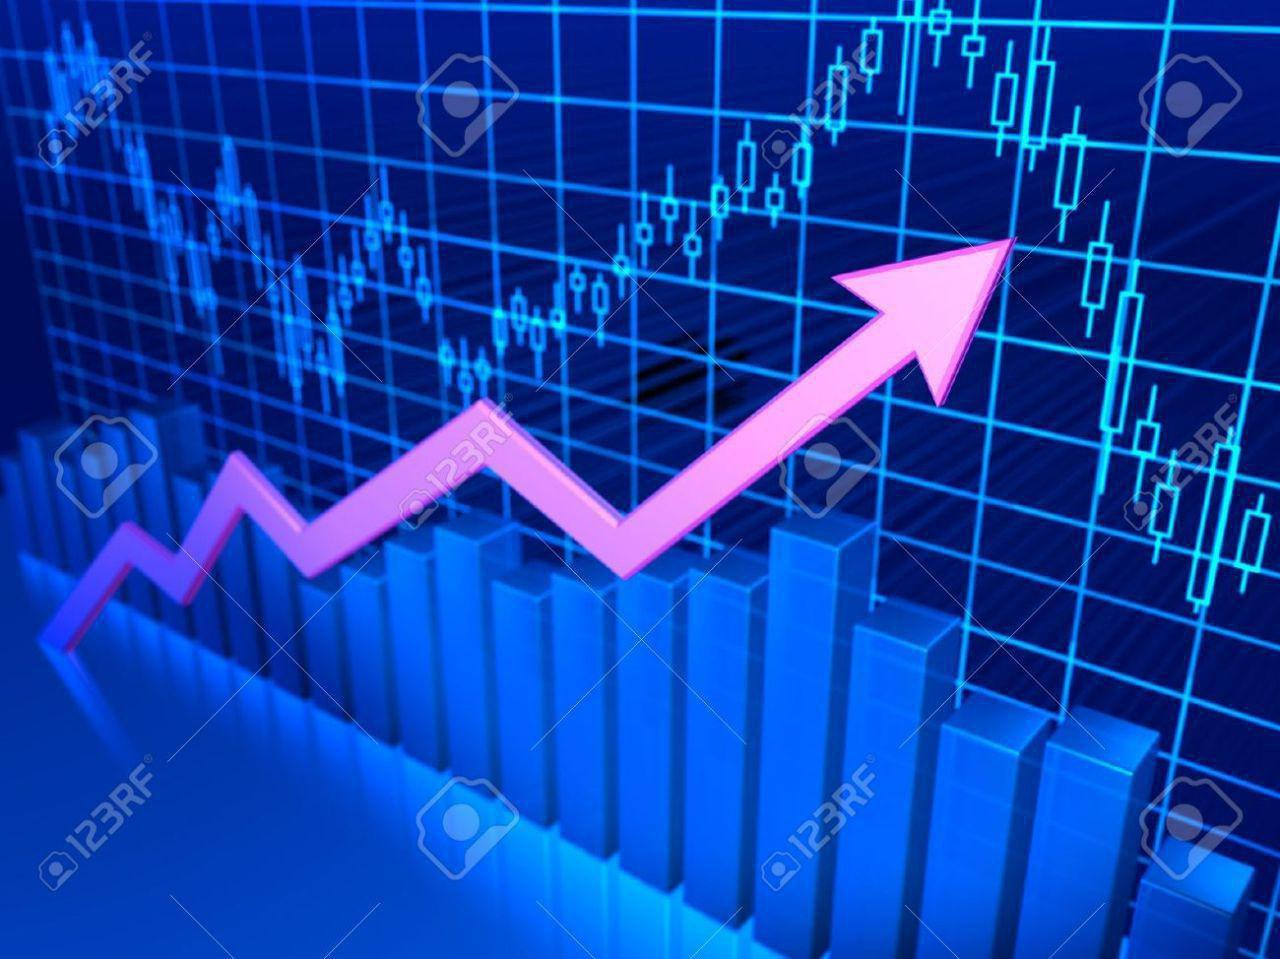 تفاوت سرمایه گذار و معامله گر